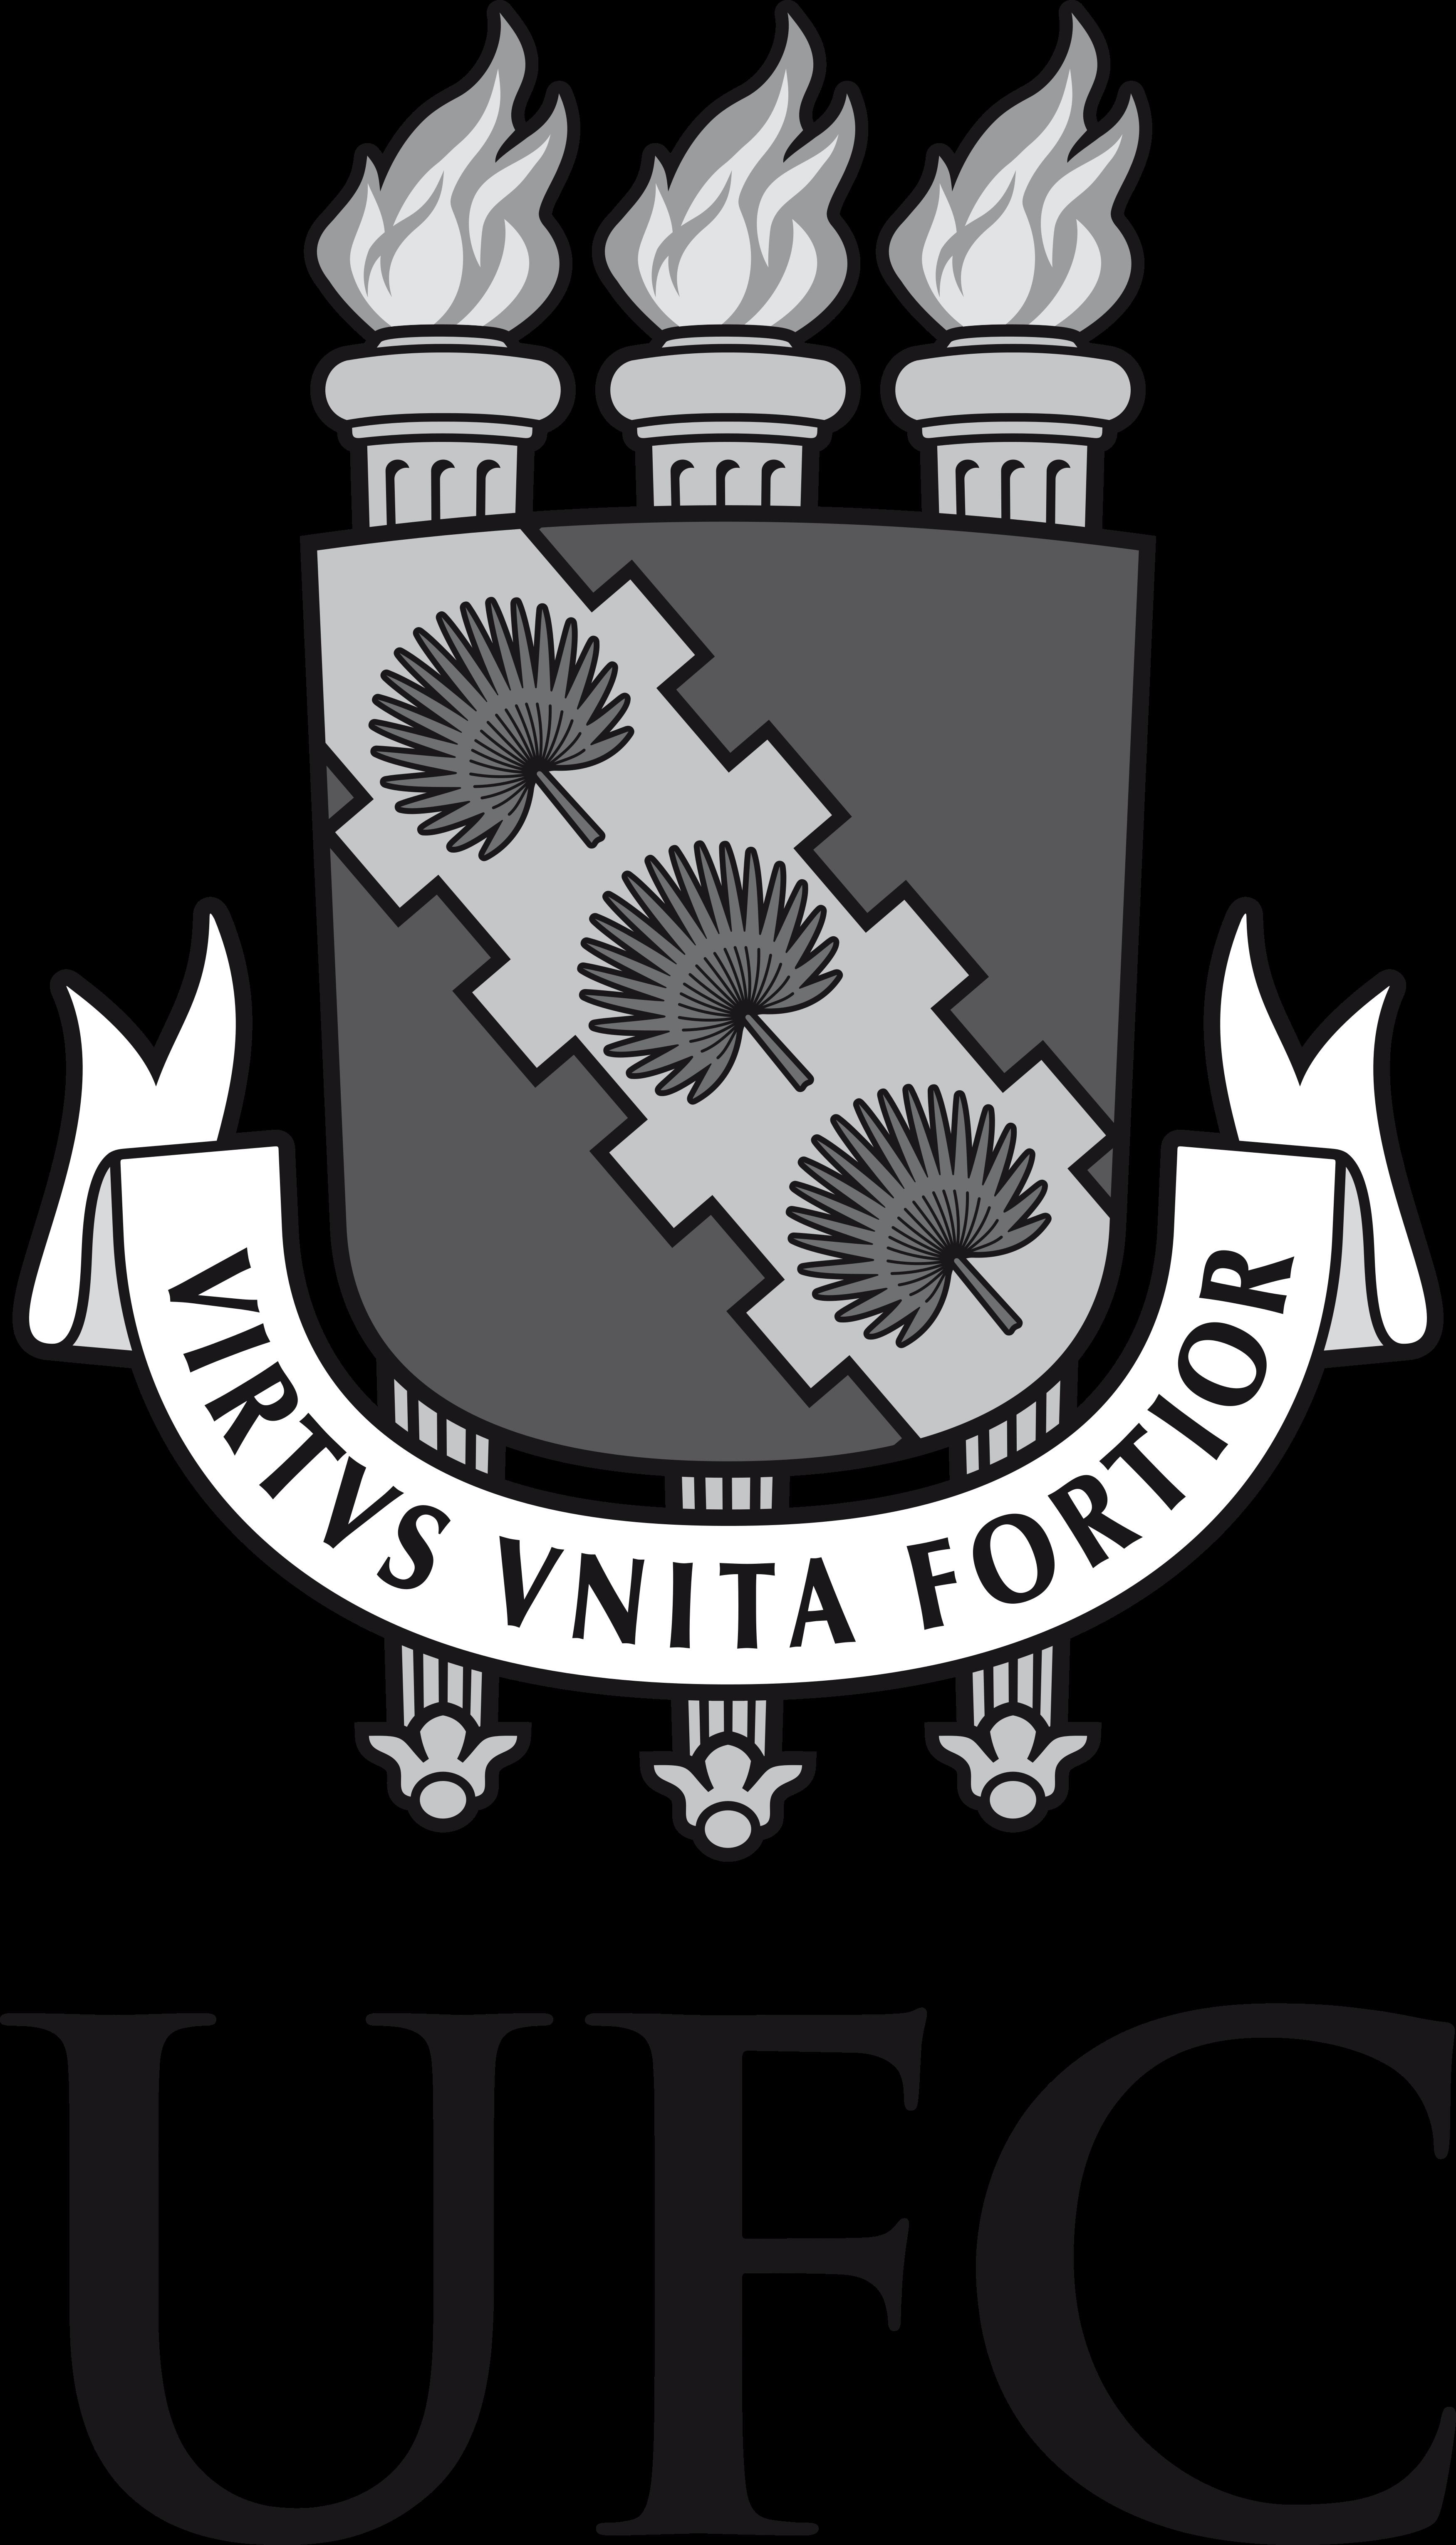 Ufc Logo Universidade. Universidade Federal do Ceara Logo.